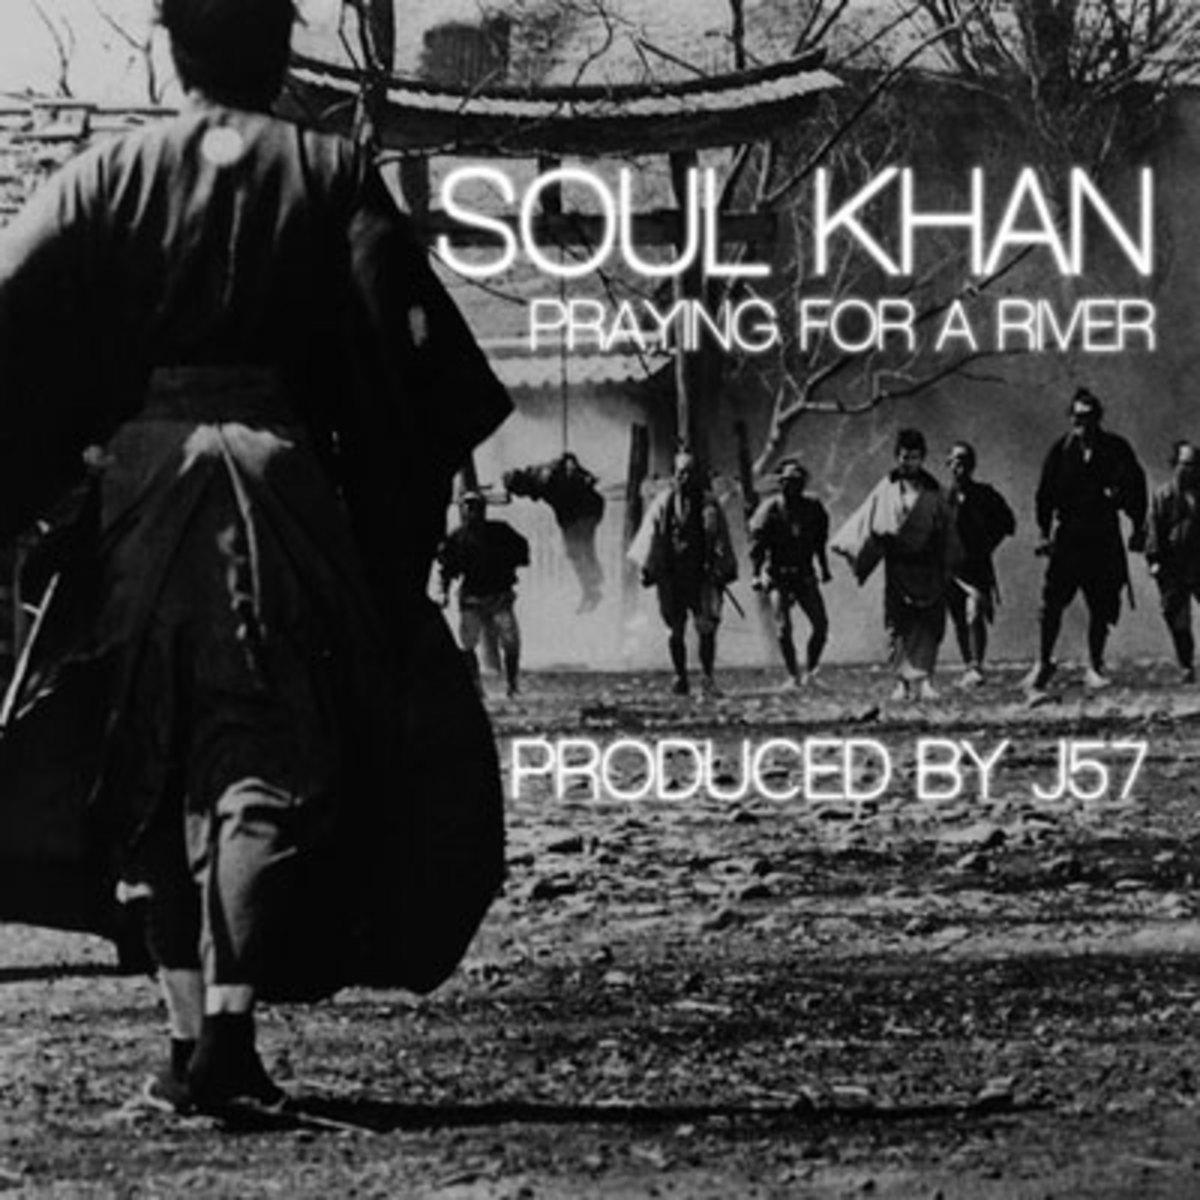 soulkhan-prayingforariver.jpg